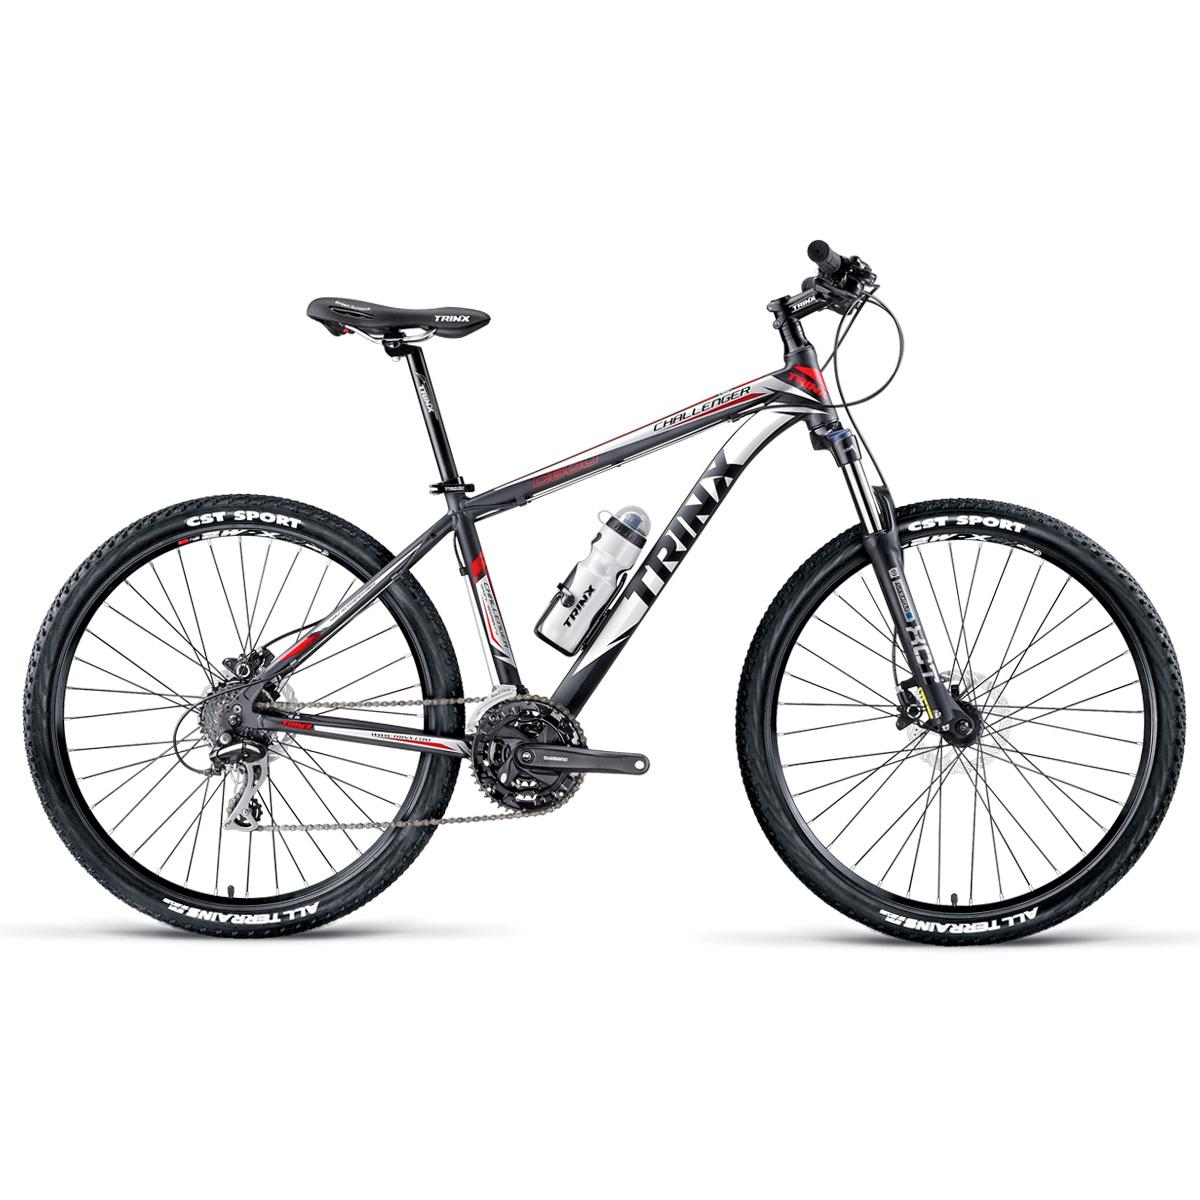 دوچرخه کوهستان ترینکس مدل C600 سایز 26 سال 2016 Trinx C600